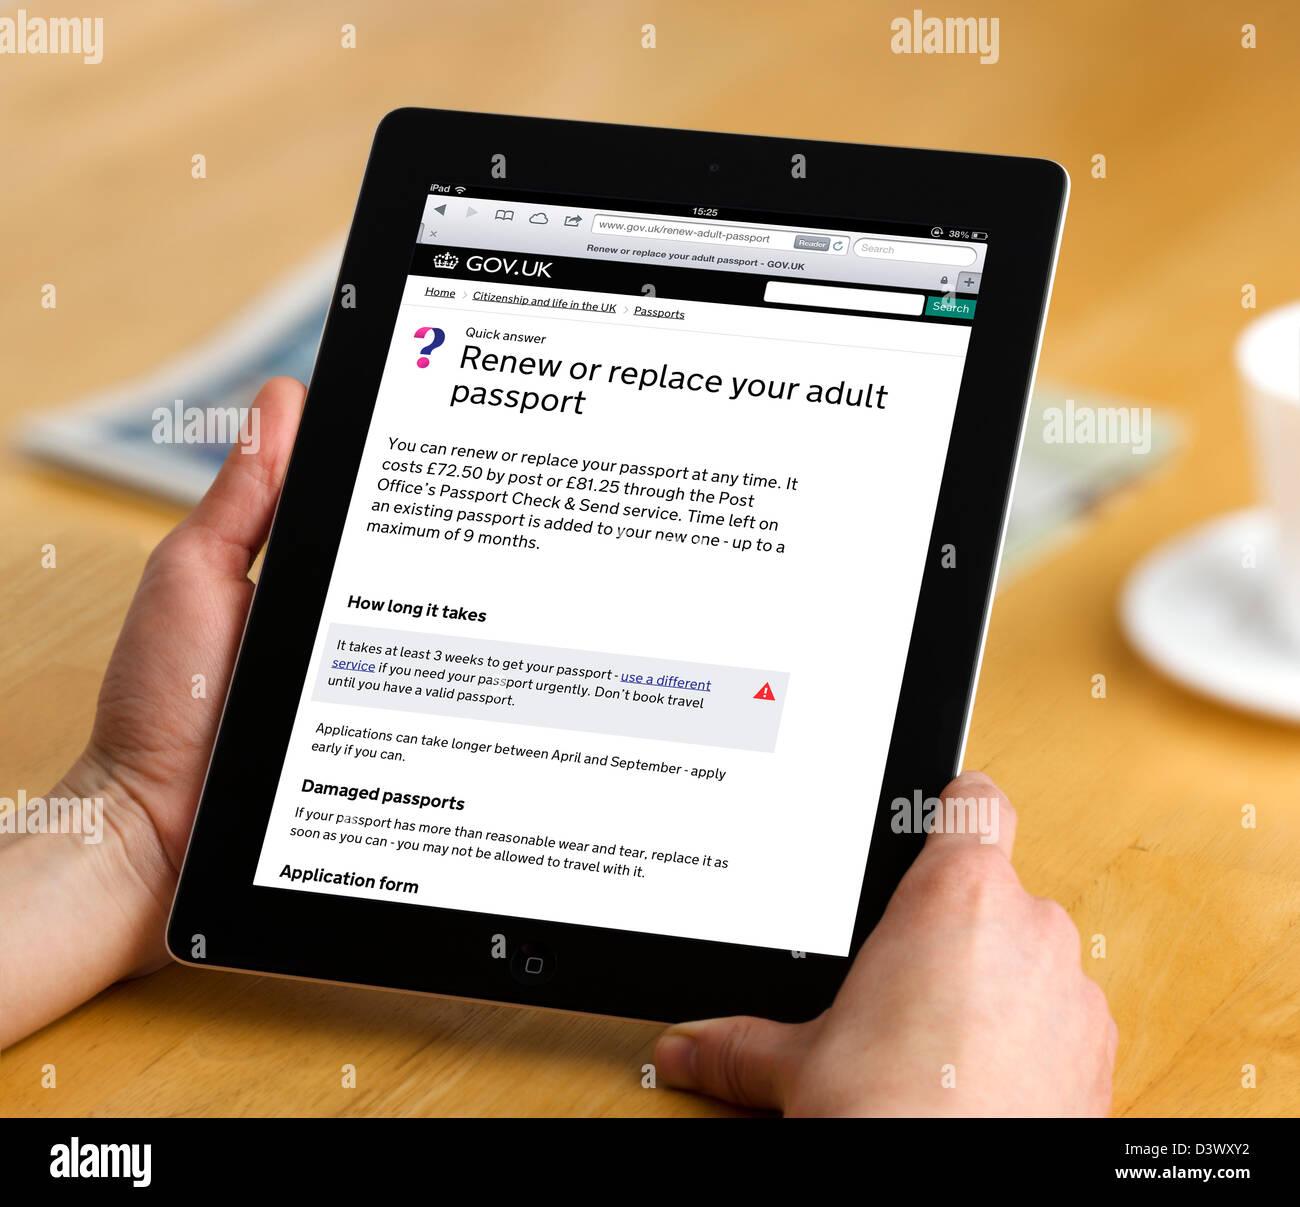 Verlängerung eines Passes auf der UK-Regierung-Services-Website auf einem Retina Display iPad Gov.UK angesehen Stockbild